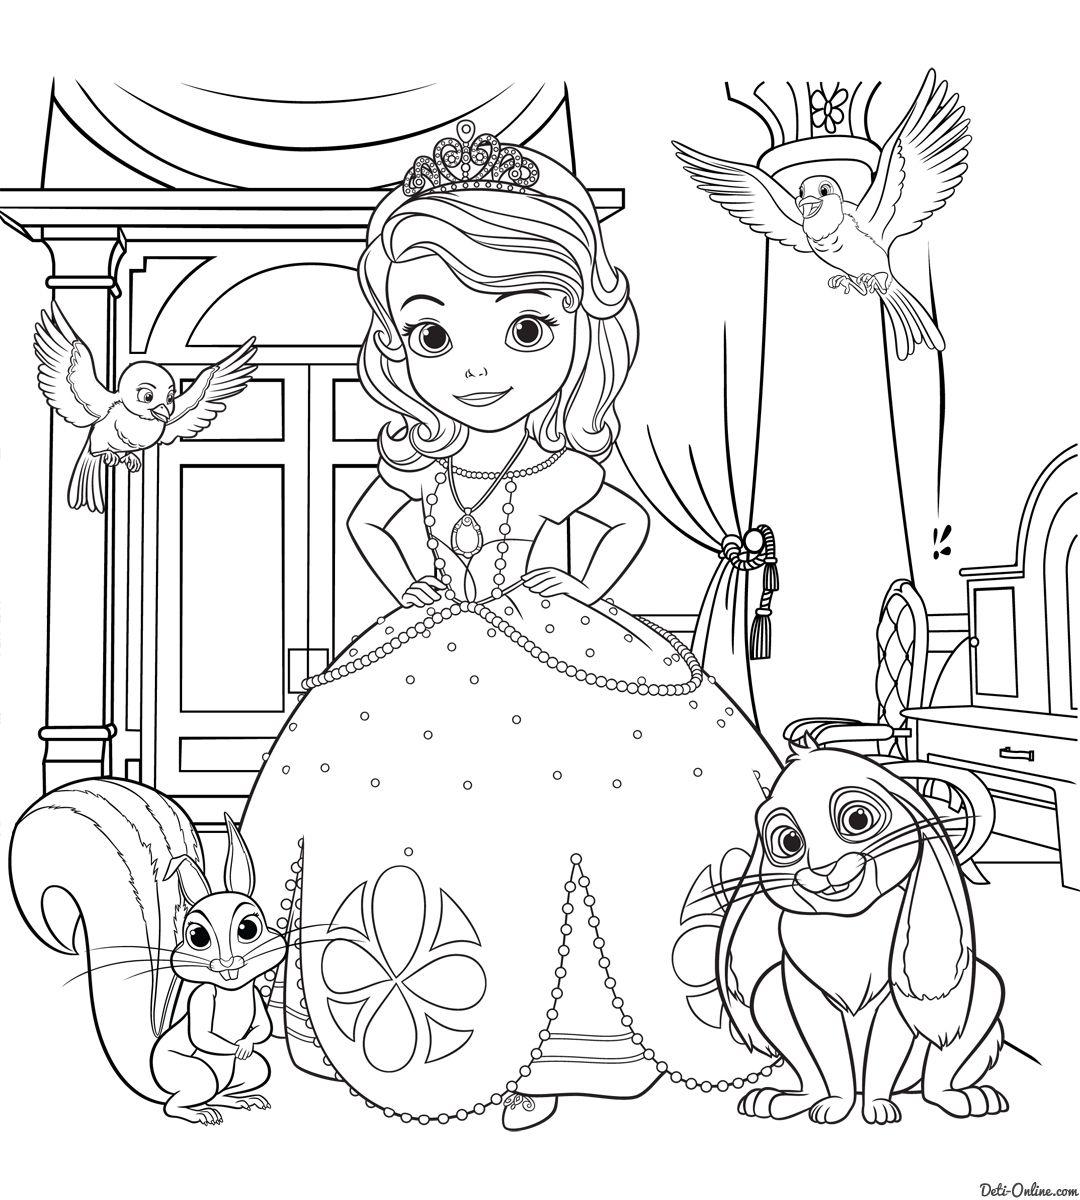 Раскраска Принцесса Дисней София раскраски Pinterest